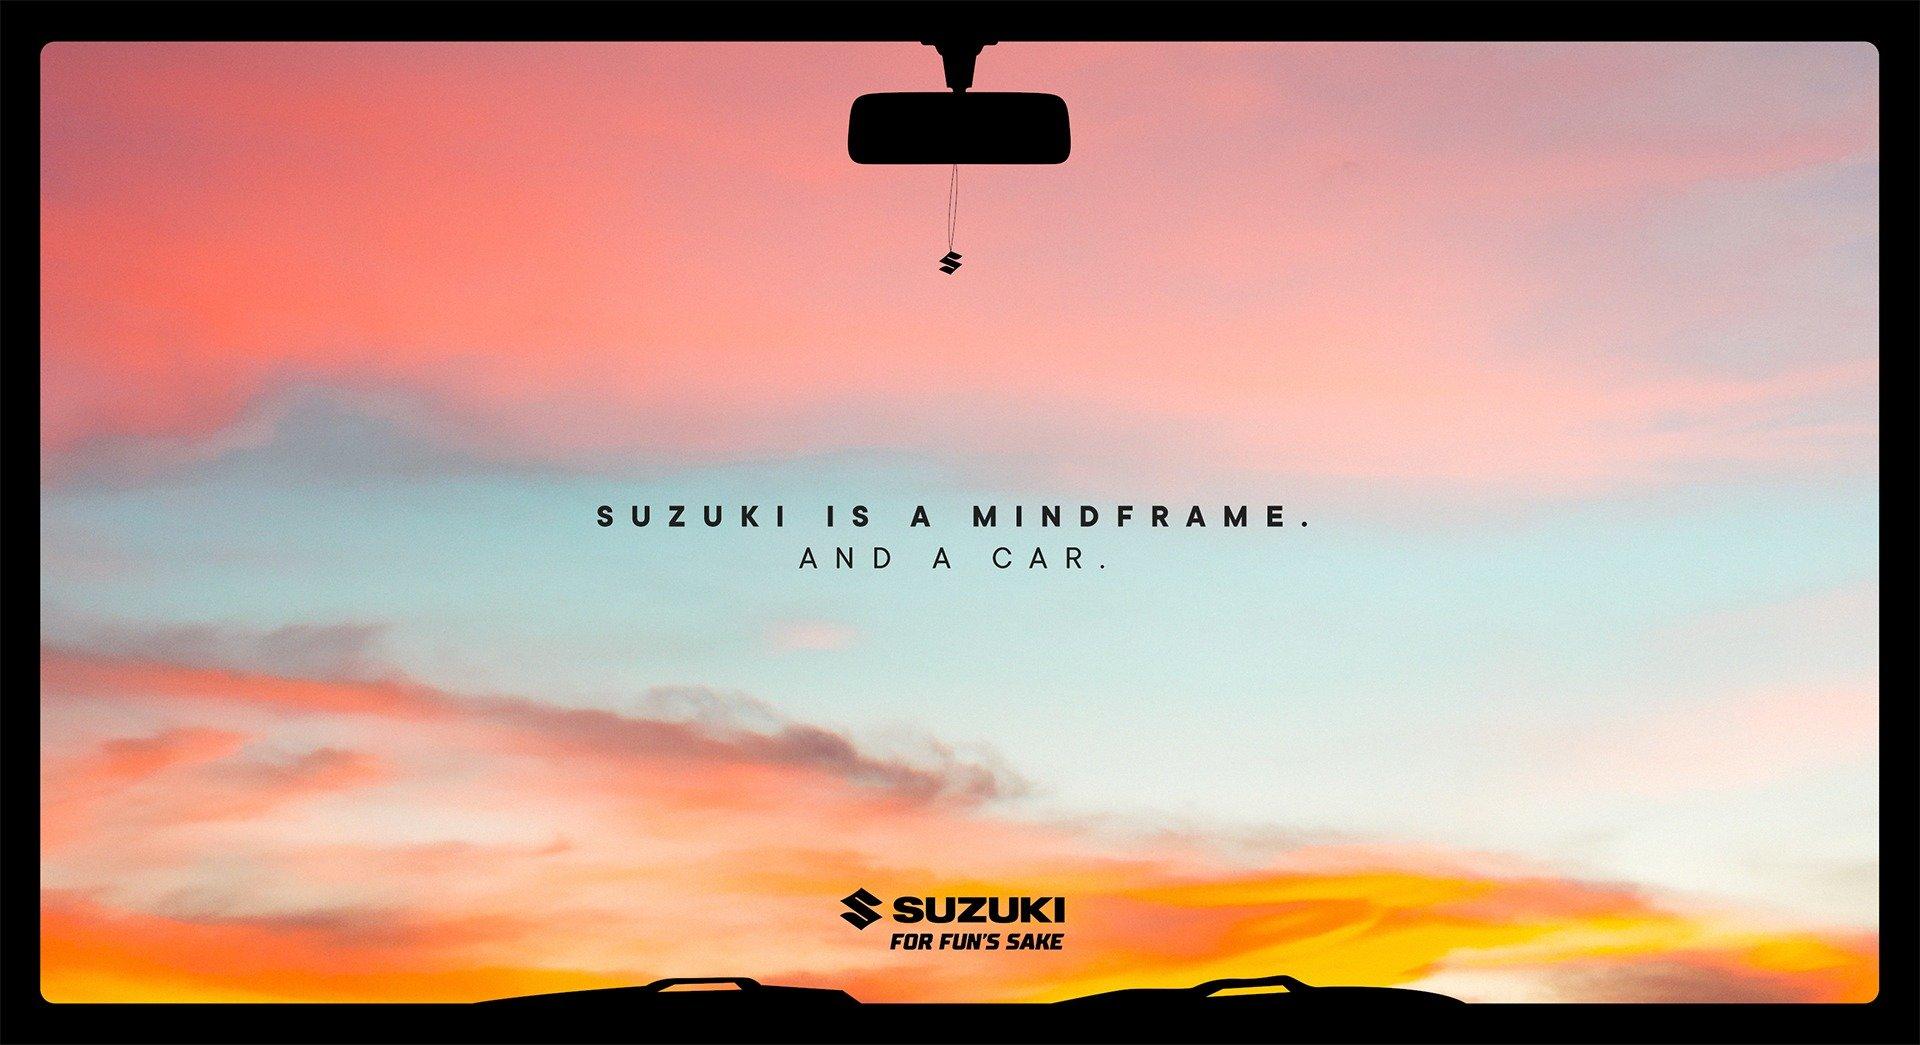 suuki-osborne-park-mindframe